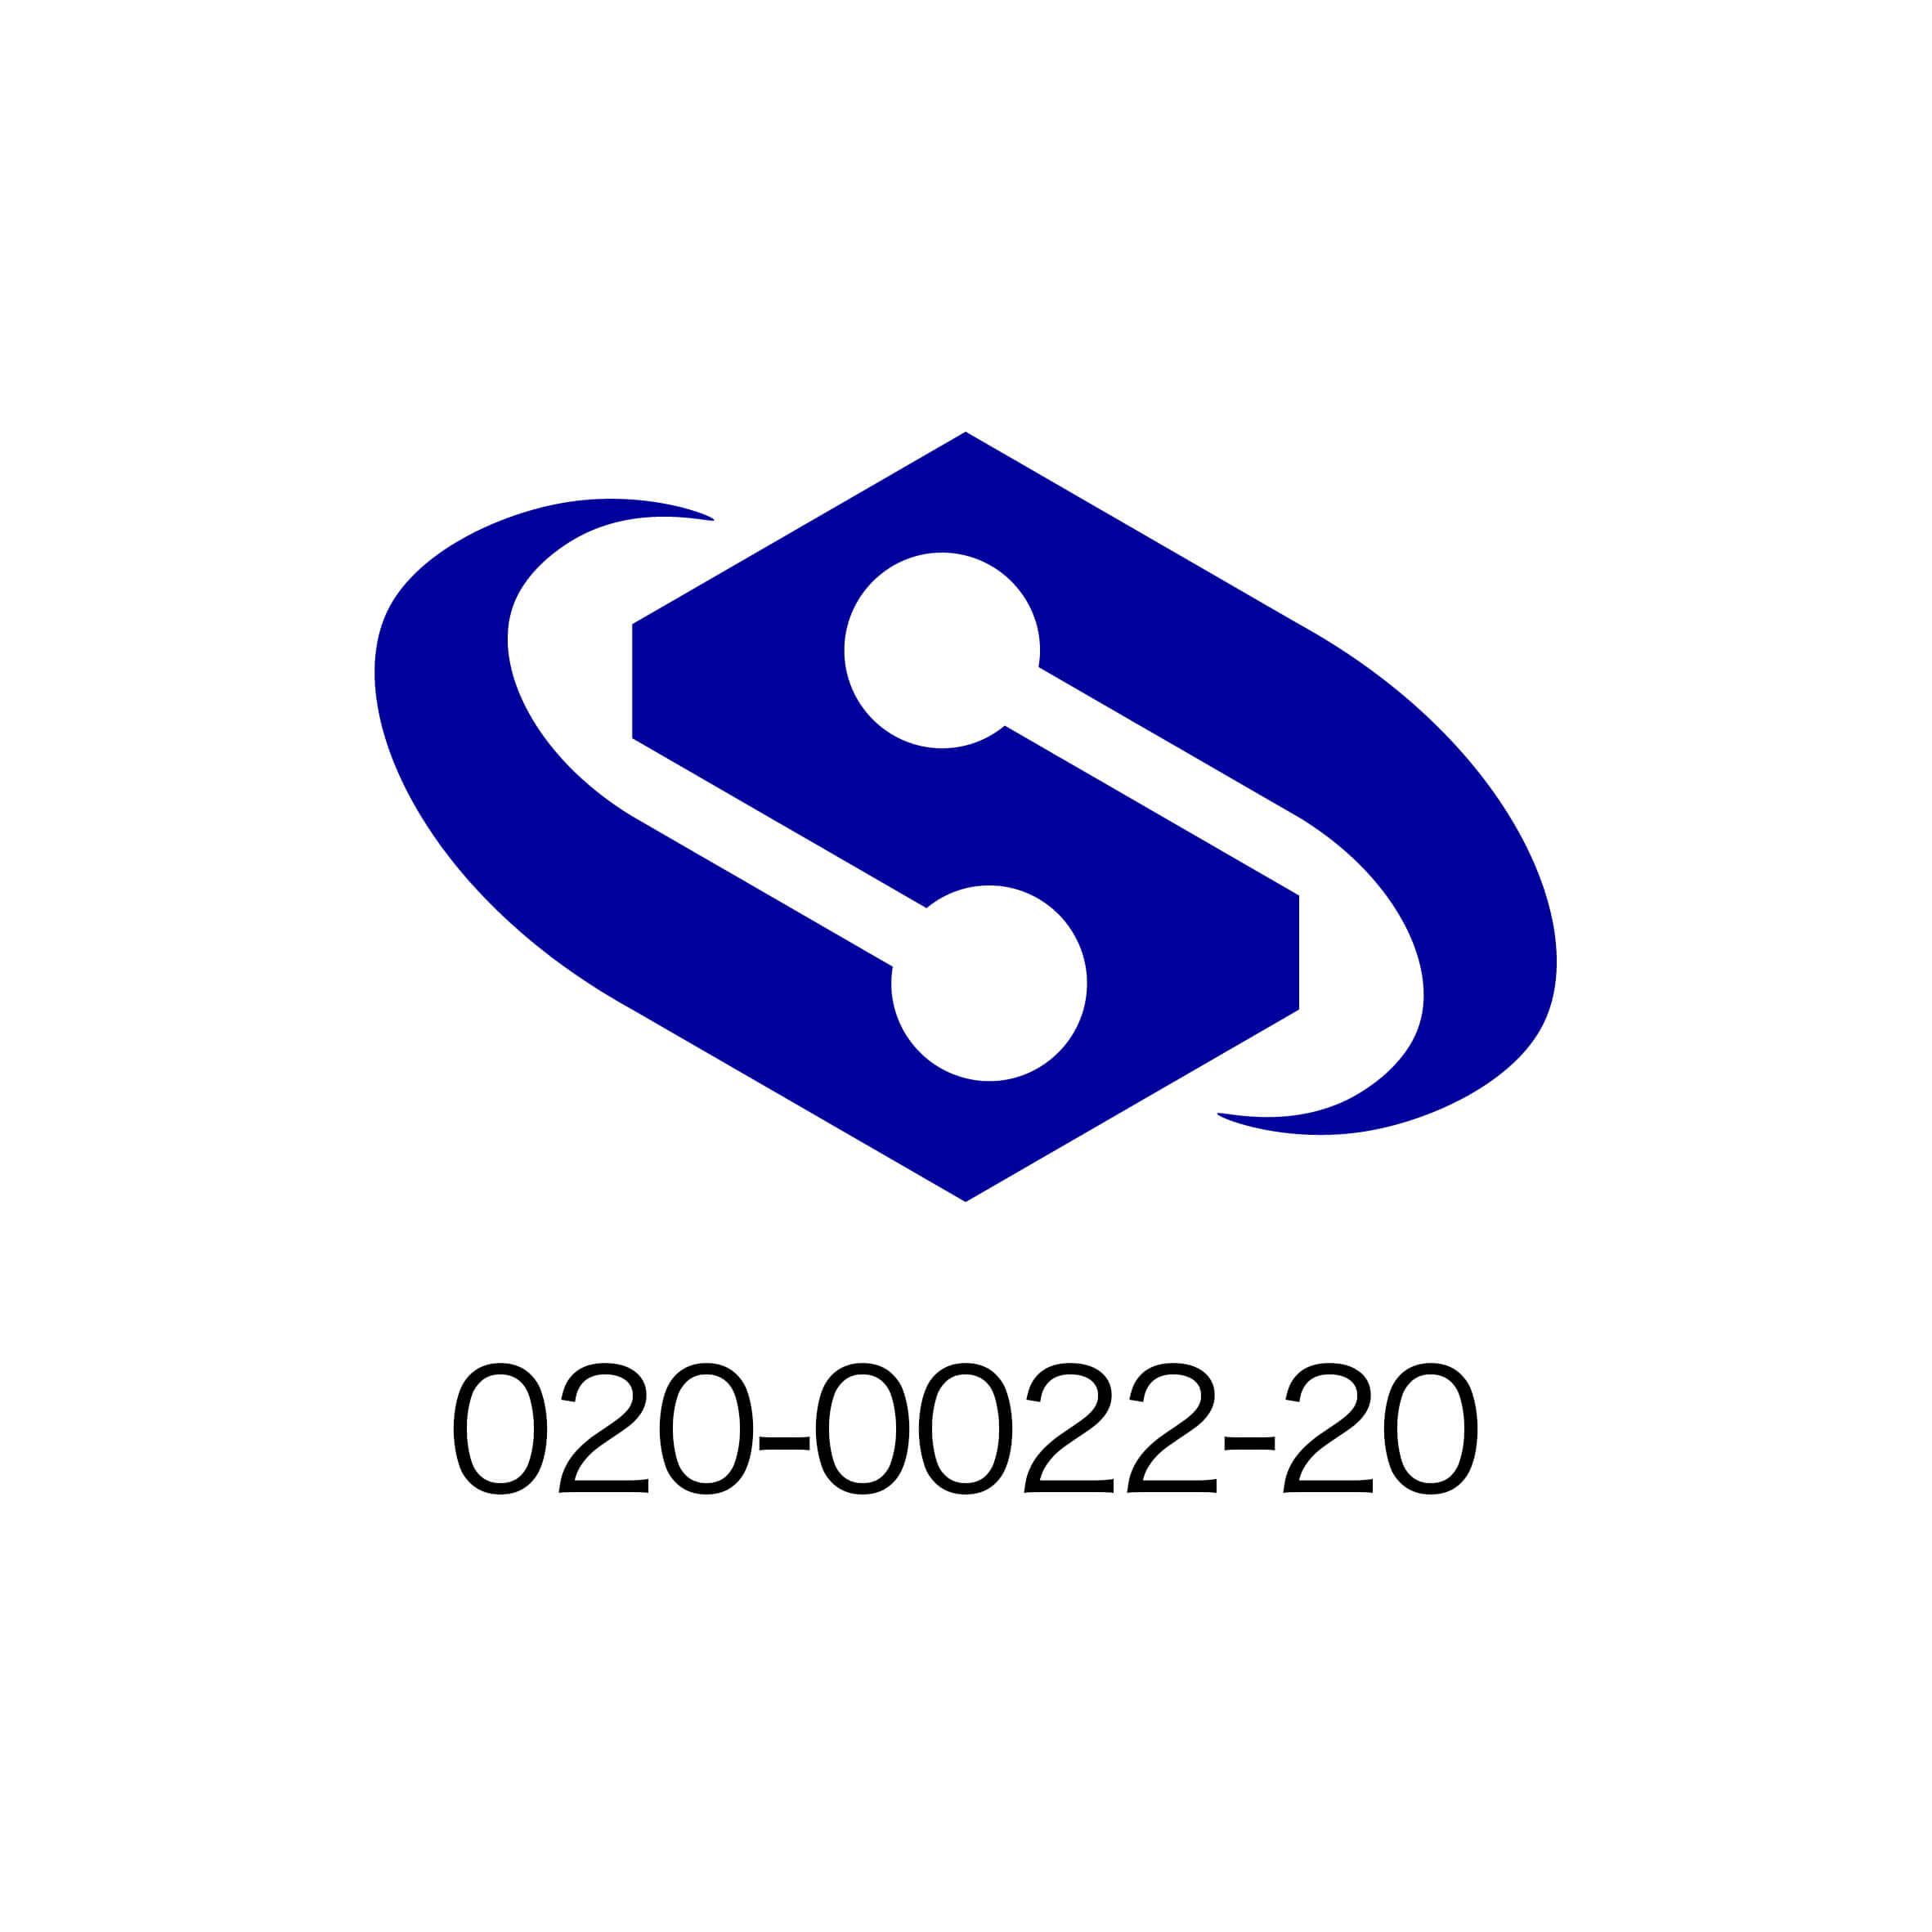 情報セキュリティーサービス基準